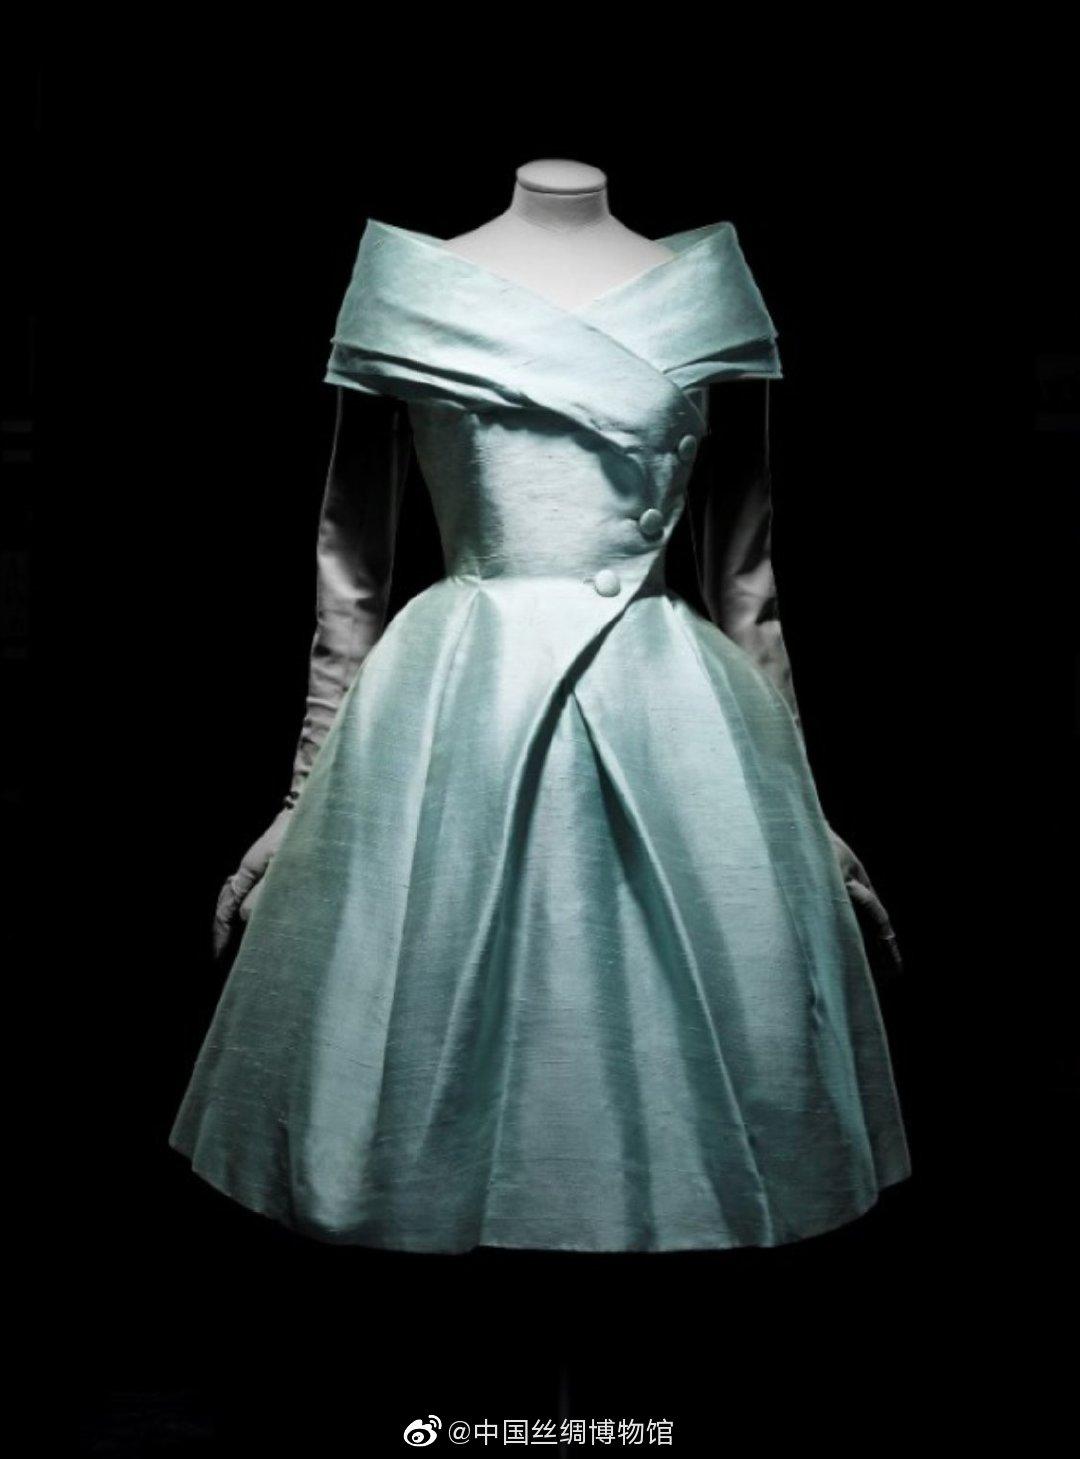 """这件名为""""加拉加斯""""的午后装连身裙出自克里斯汀·迪奥1957年春夏高"""